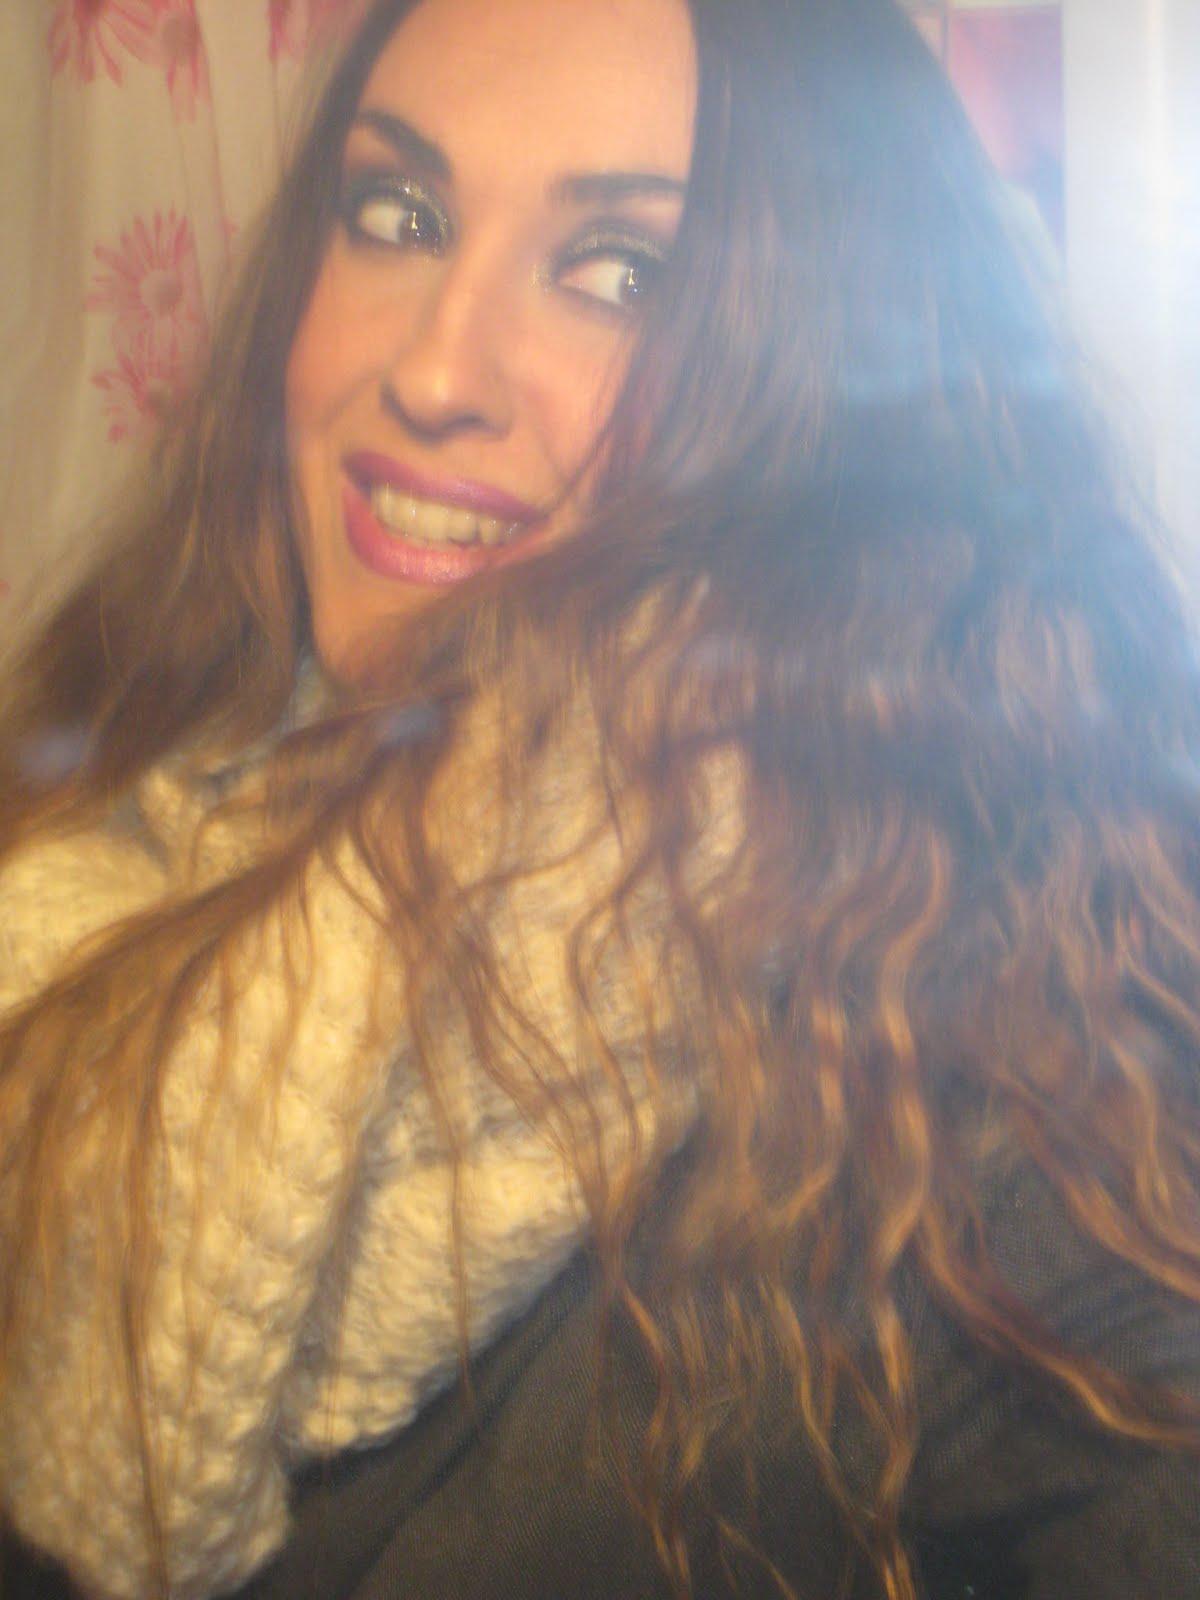 Έχω μακριά μαλλιά από τότε που θυμάμαι τον εαυτό μου. Για να είμαι απολύτως  ειλικρινής γεννήθηκα με κατσαρά μαλλιά τα οποία αντί να μακρύνουν σε μήκος  ... 37f81e6ad04